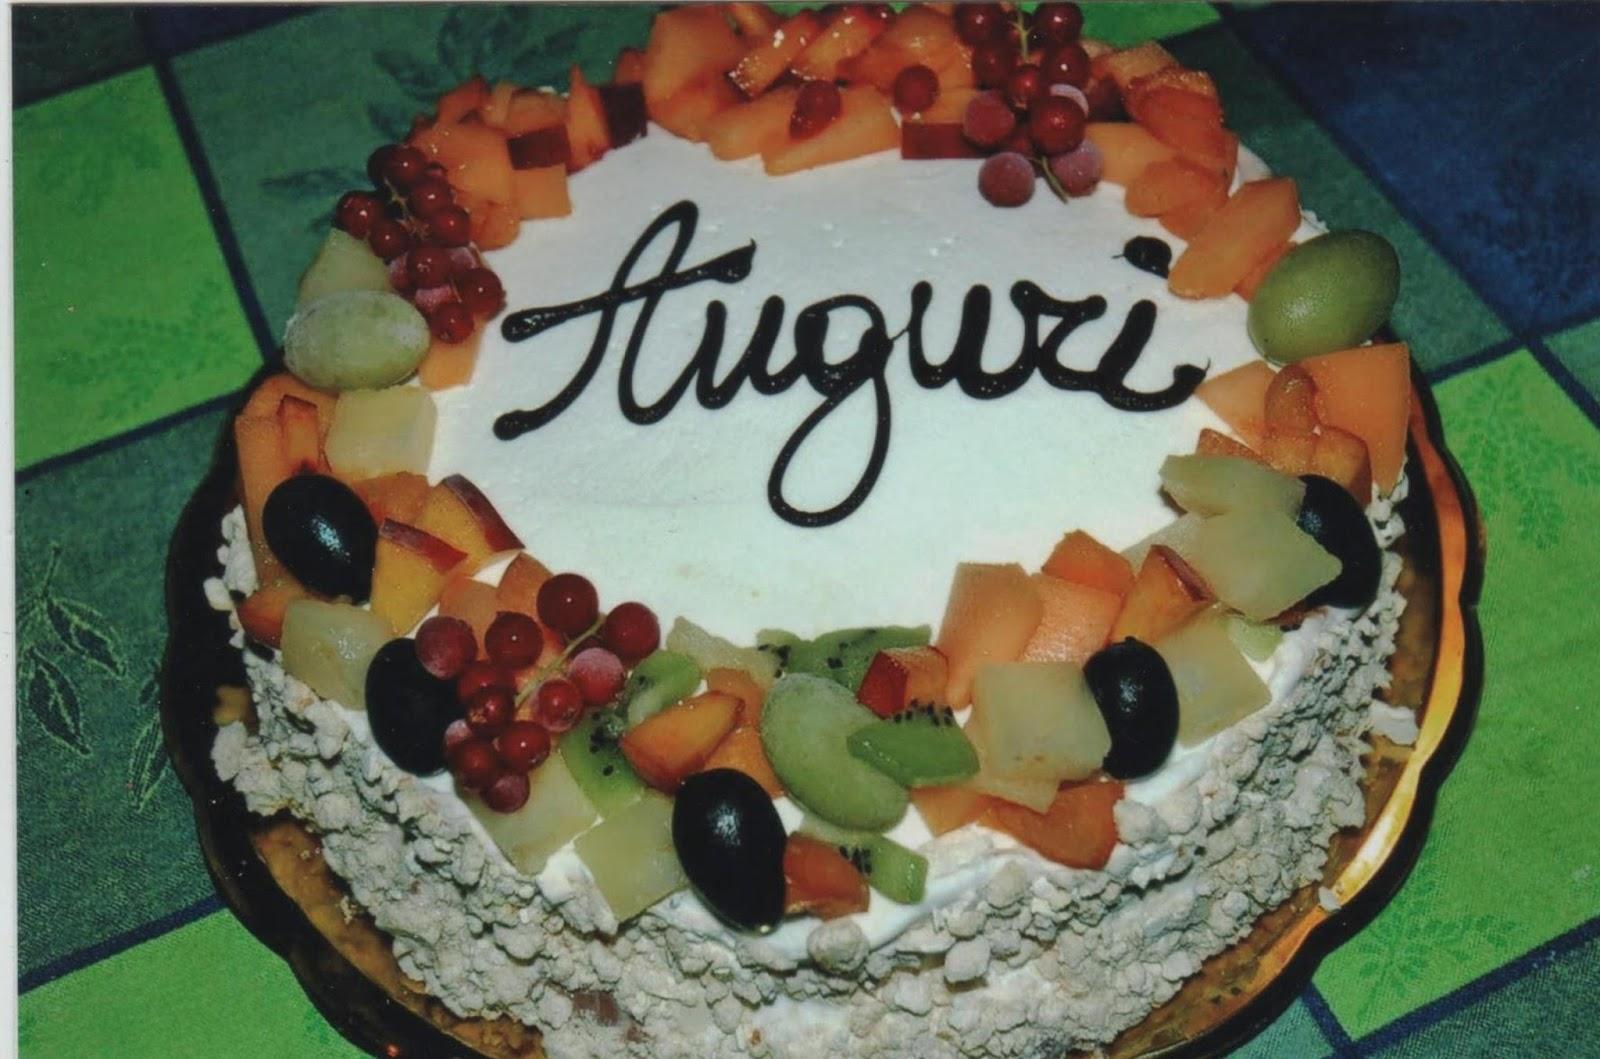 Vi lascio quindi la ricetta della mia torta meringata estiva che ho decorato  con tanta frutta e riempita di gelato fatto rigorosamente home made.